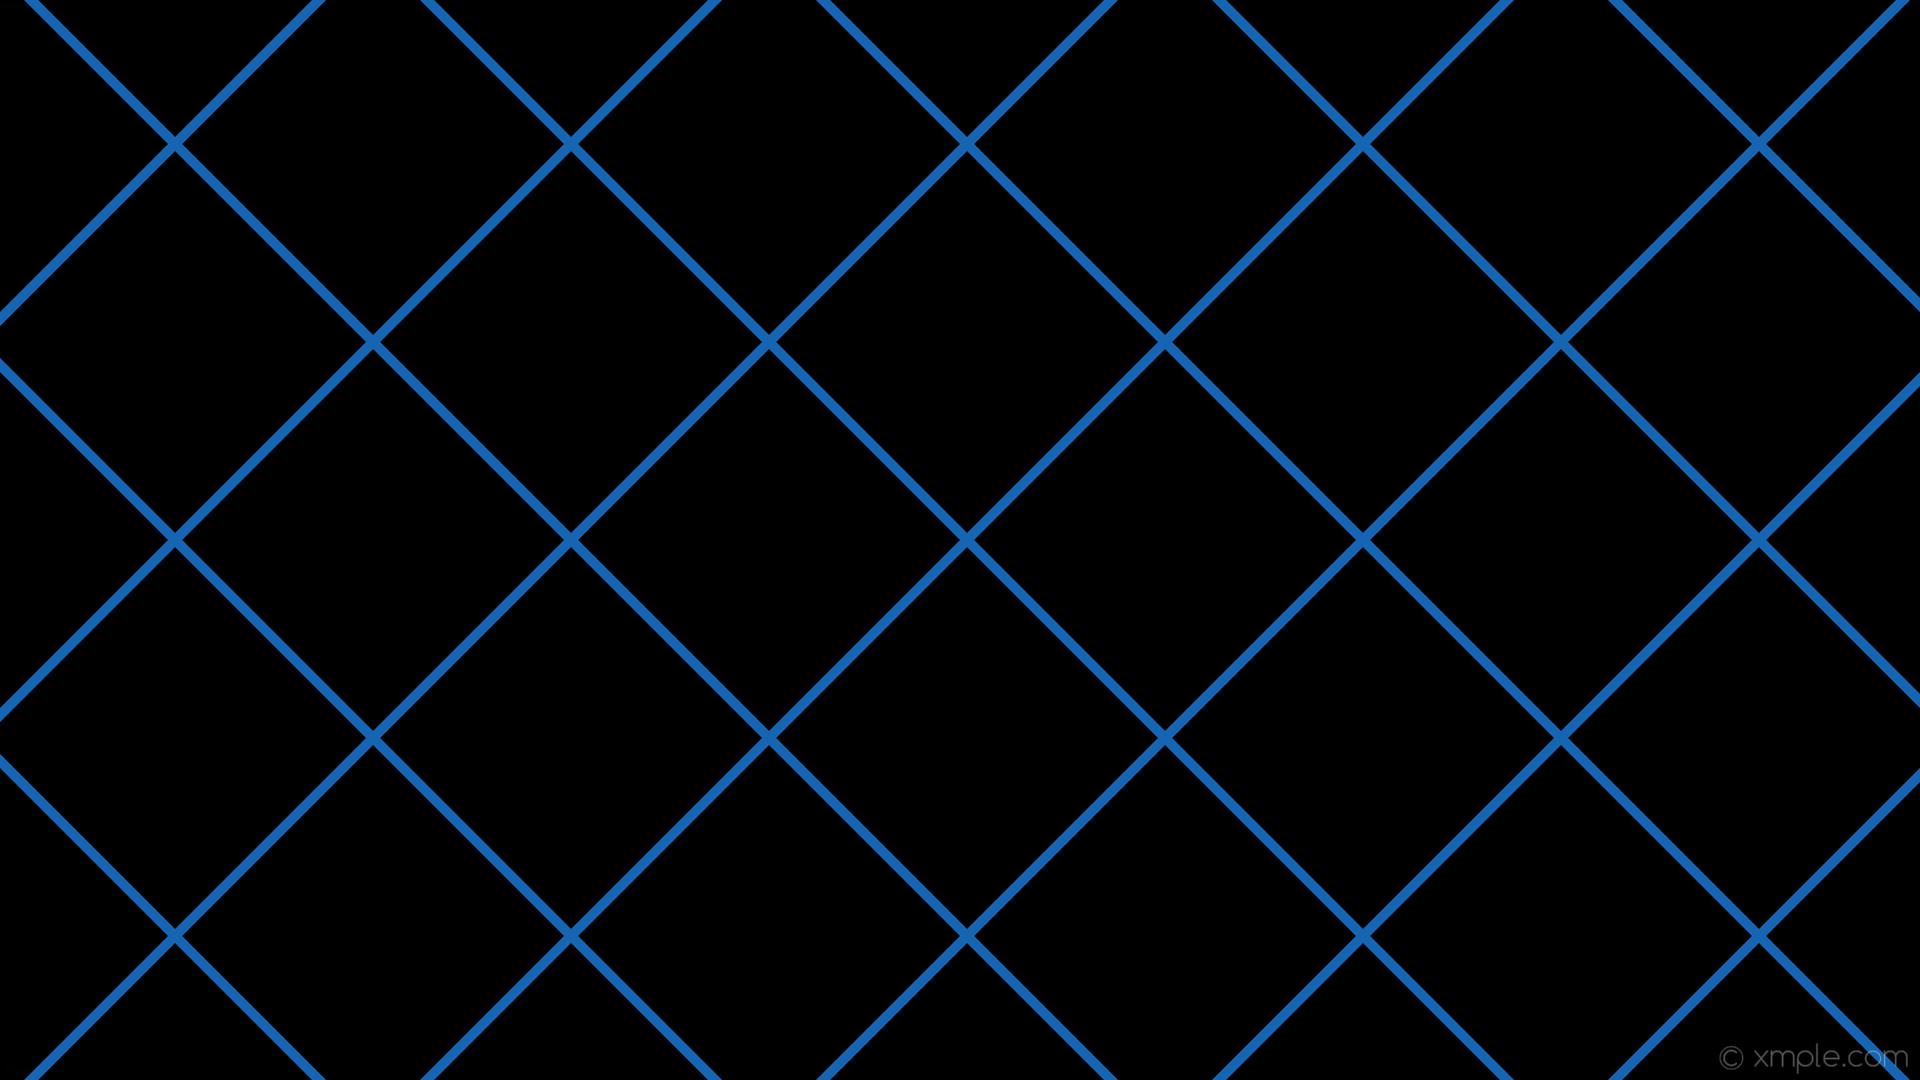 wallpaper graph paper blue black grid dodger blue #000000 #1e90ff 45° 10px  280px